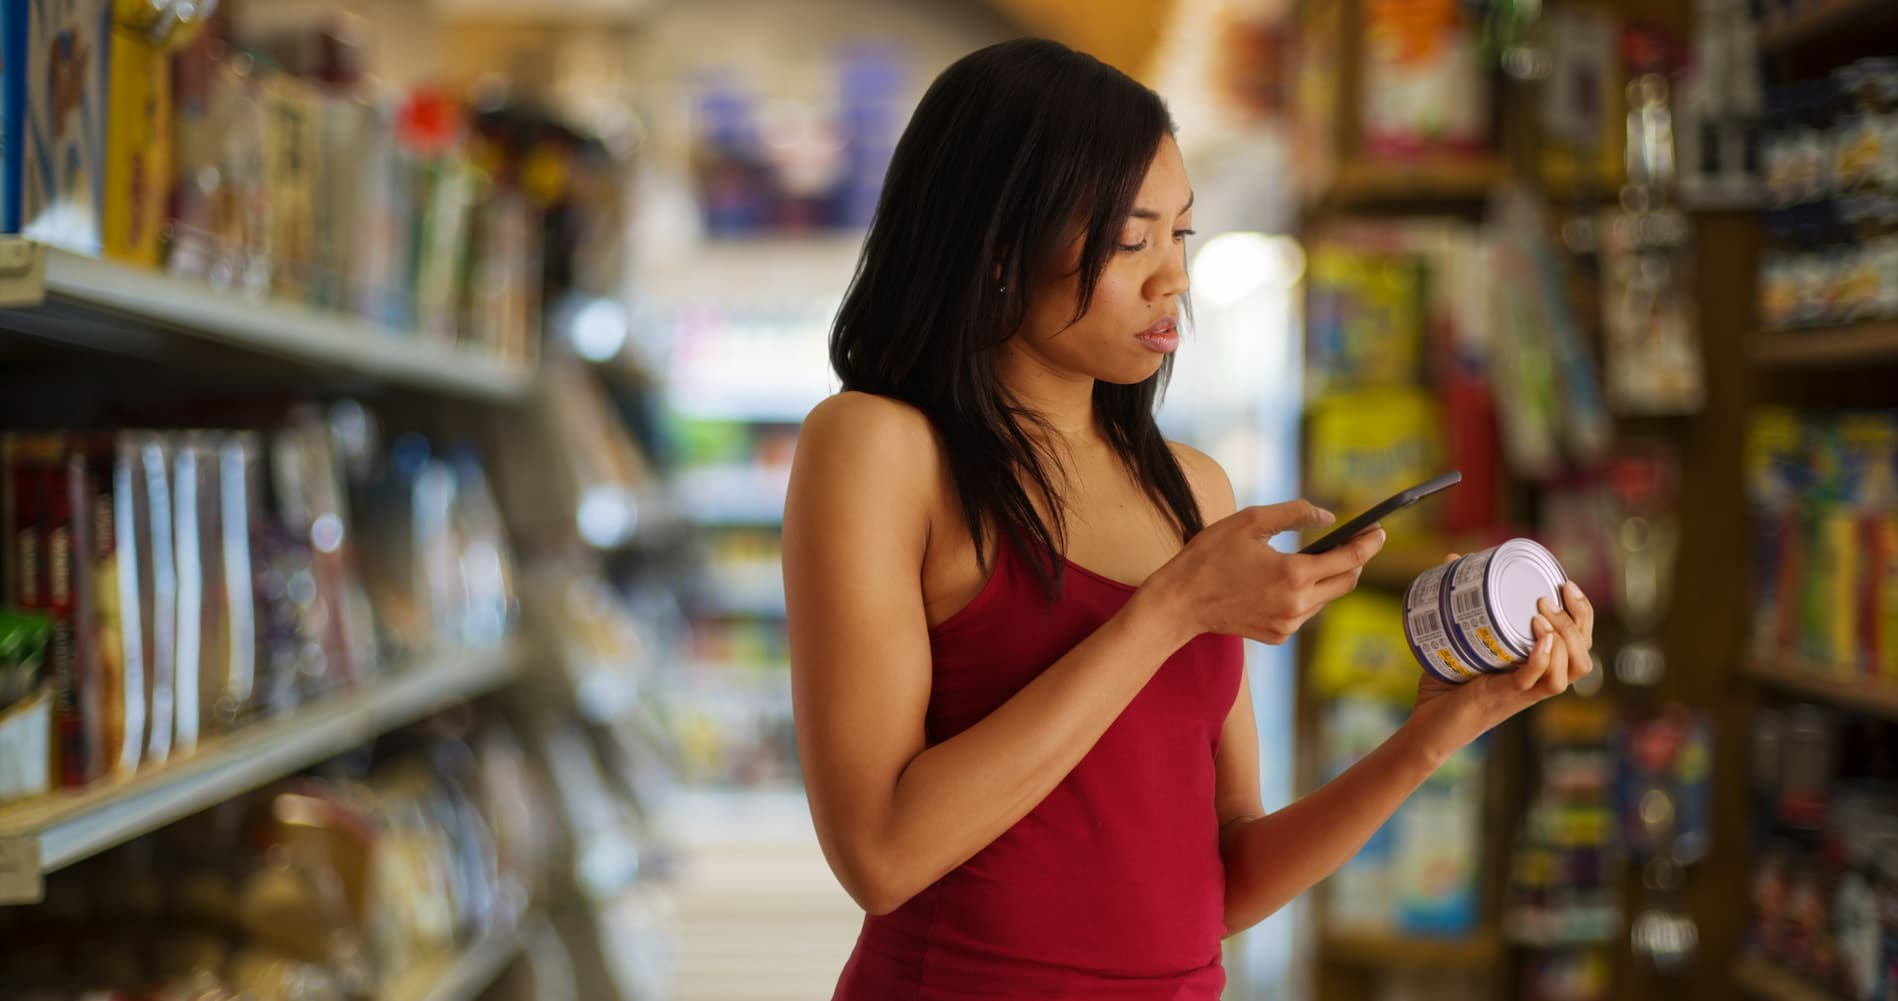 Frau im Supermarkt achtet auf die Ernährung